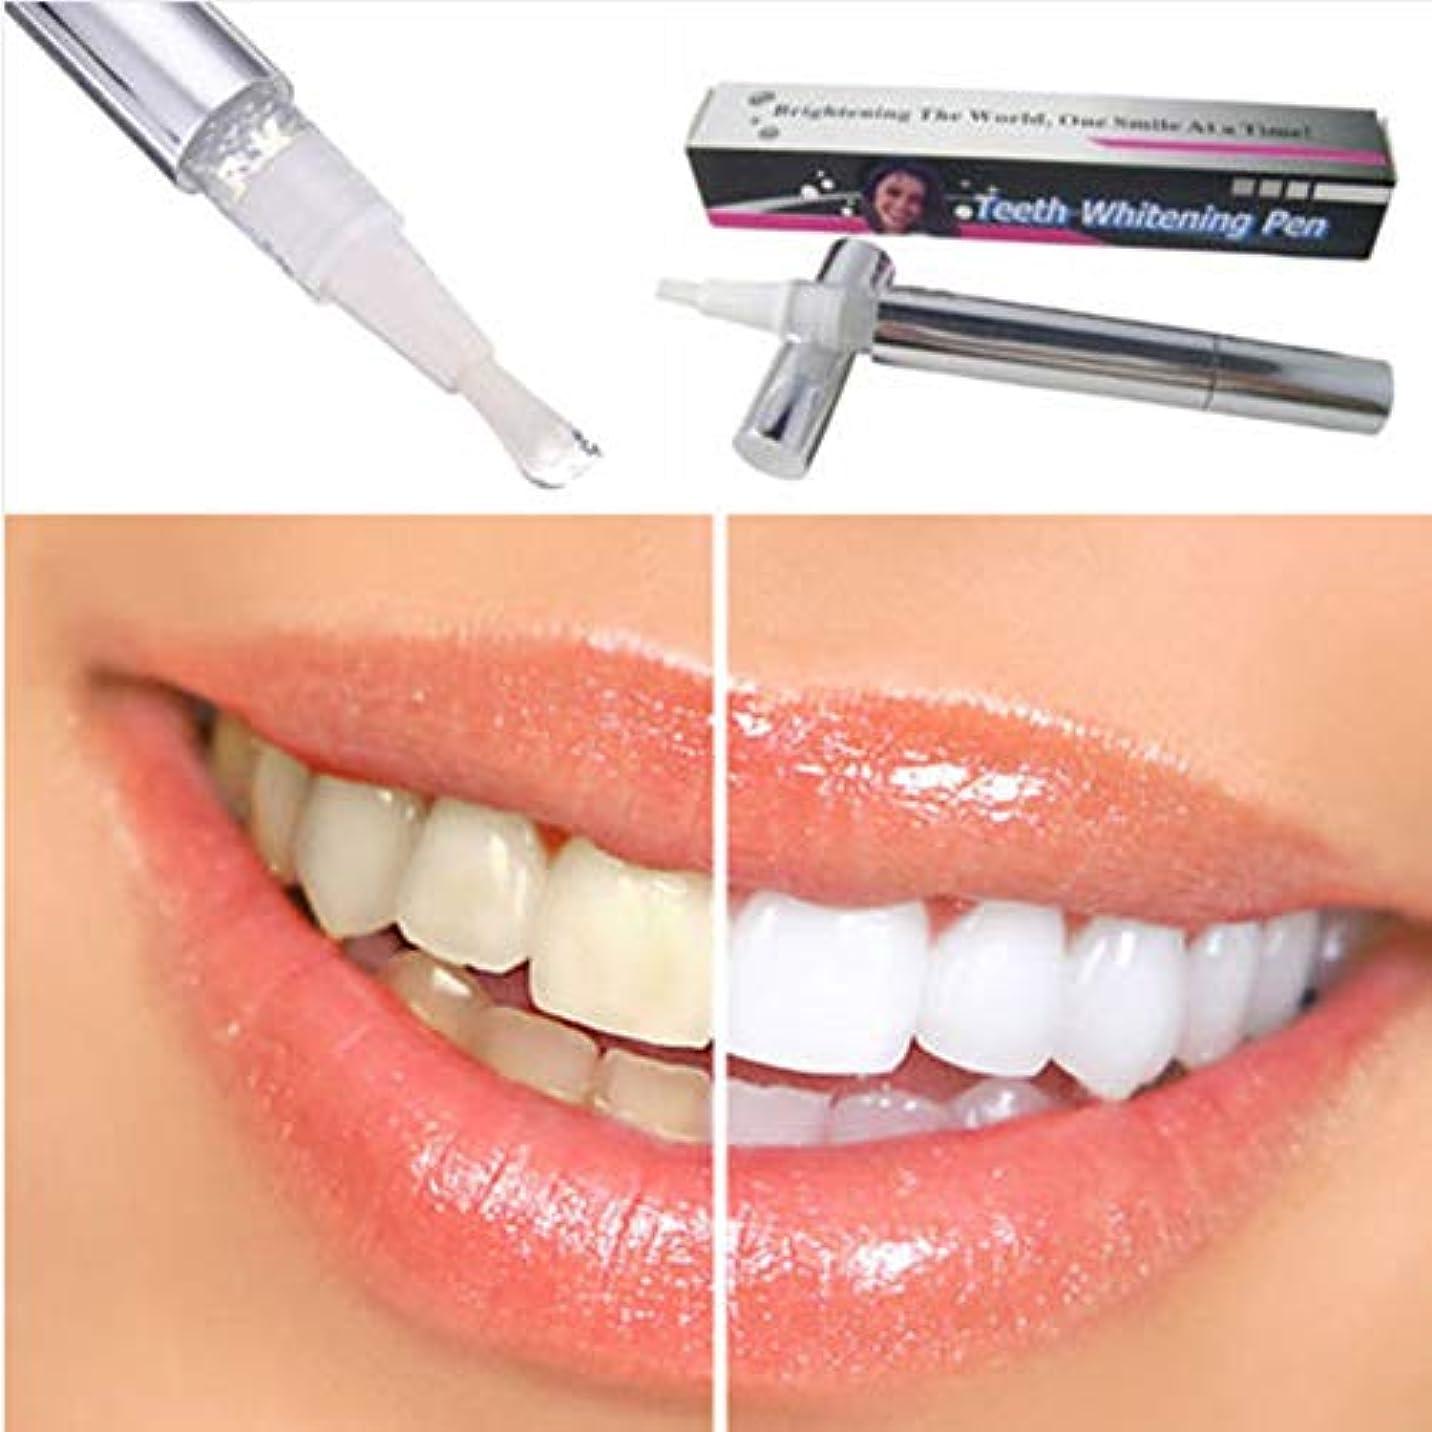 漏斗そこ変化するホワイトニングペン型真っ白な歯 ホワイトニングペン 歯の白い漂白剤 瞬間汚れ消しゴムリムーバー